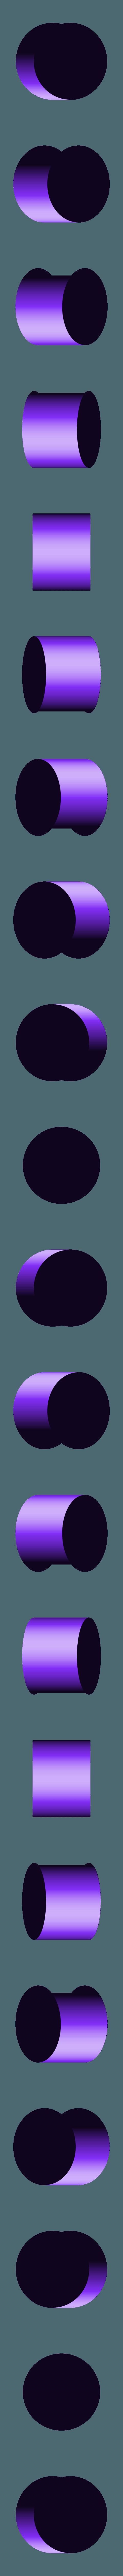 mid_part_spiral_vase_mode.stl Télécharger fichier STL gratuit Lampe de projecteur RGB • Design imprimable en 3D, Job